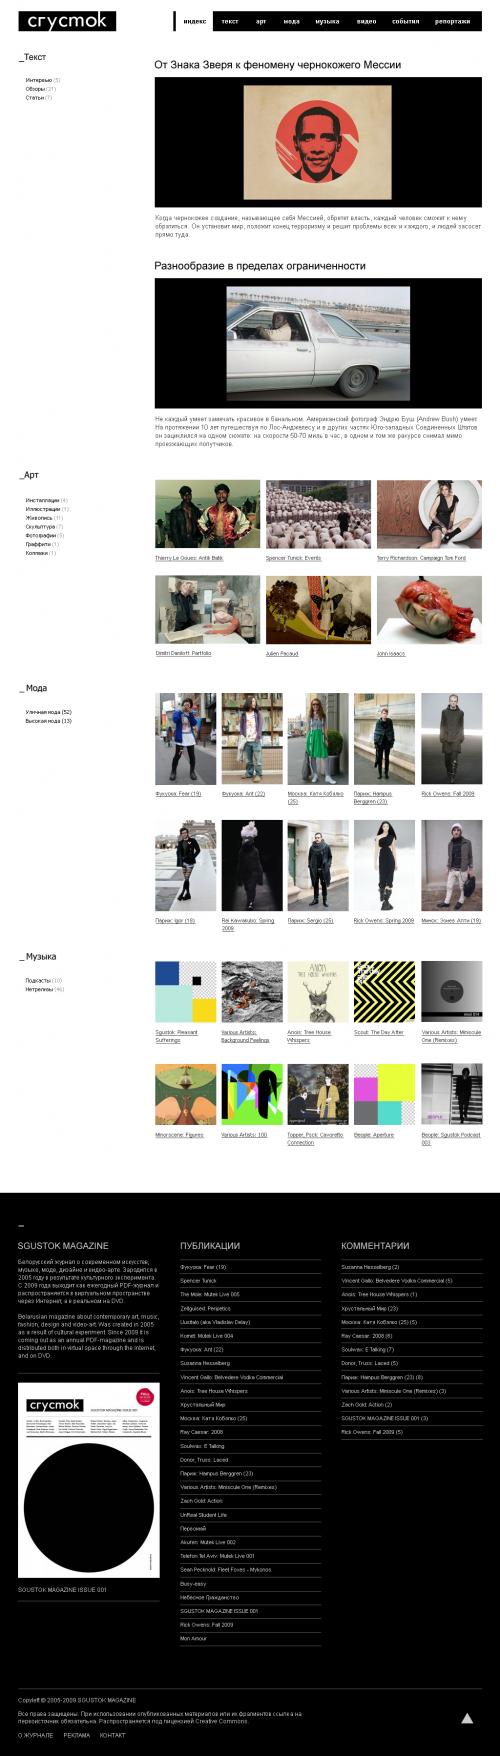 Sgustok Design: Sgustok Magazine / sgustok.org